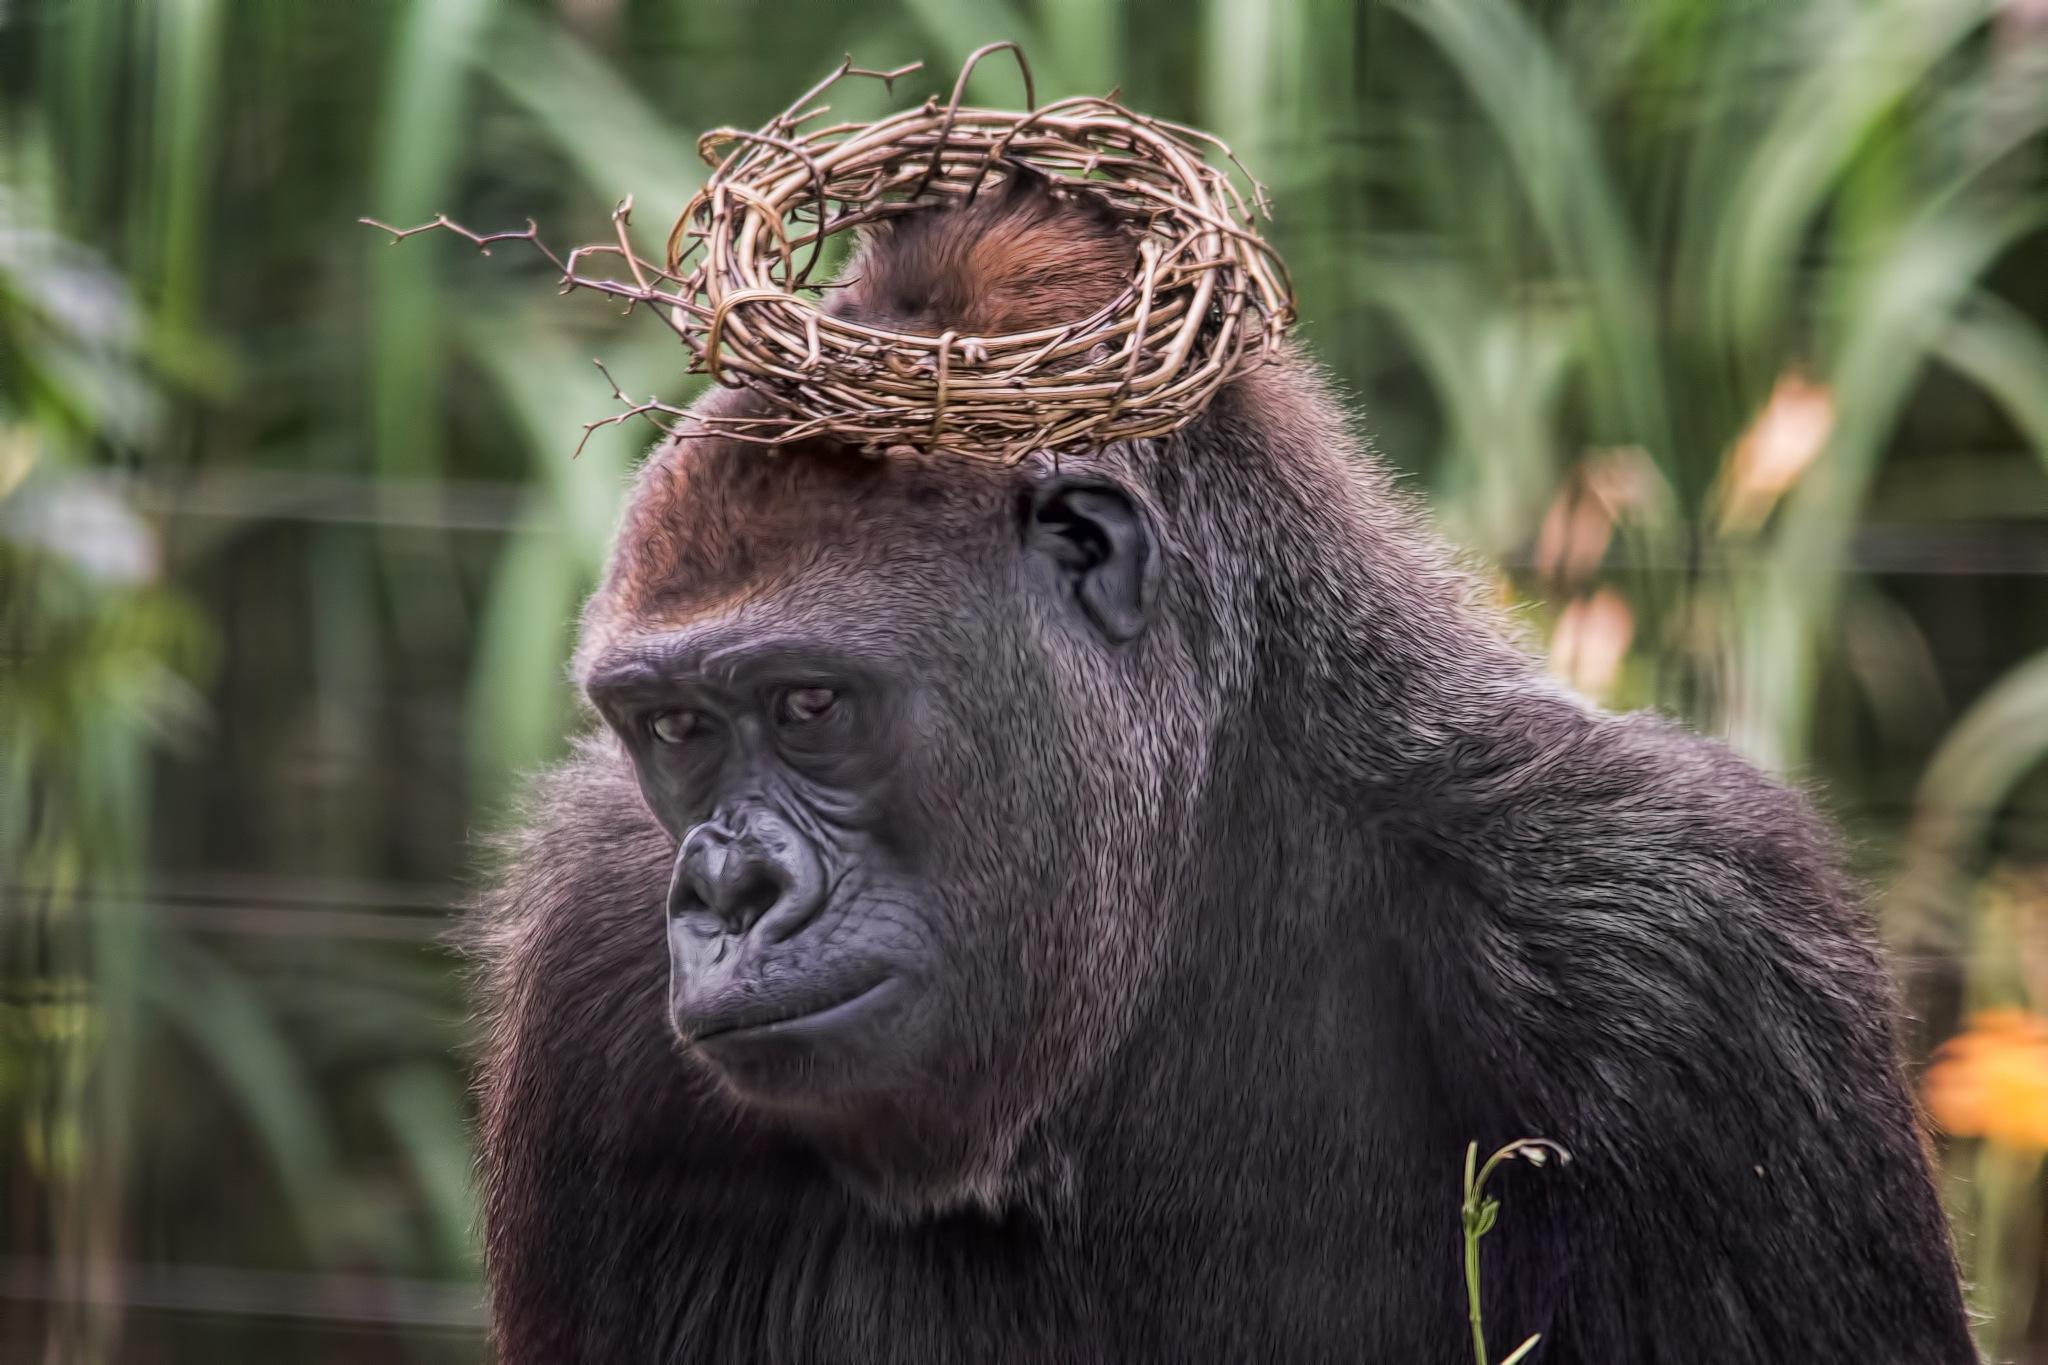 Monkeying Around by John Greg Jr